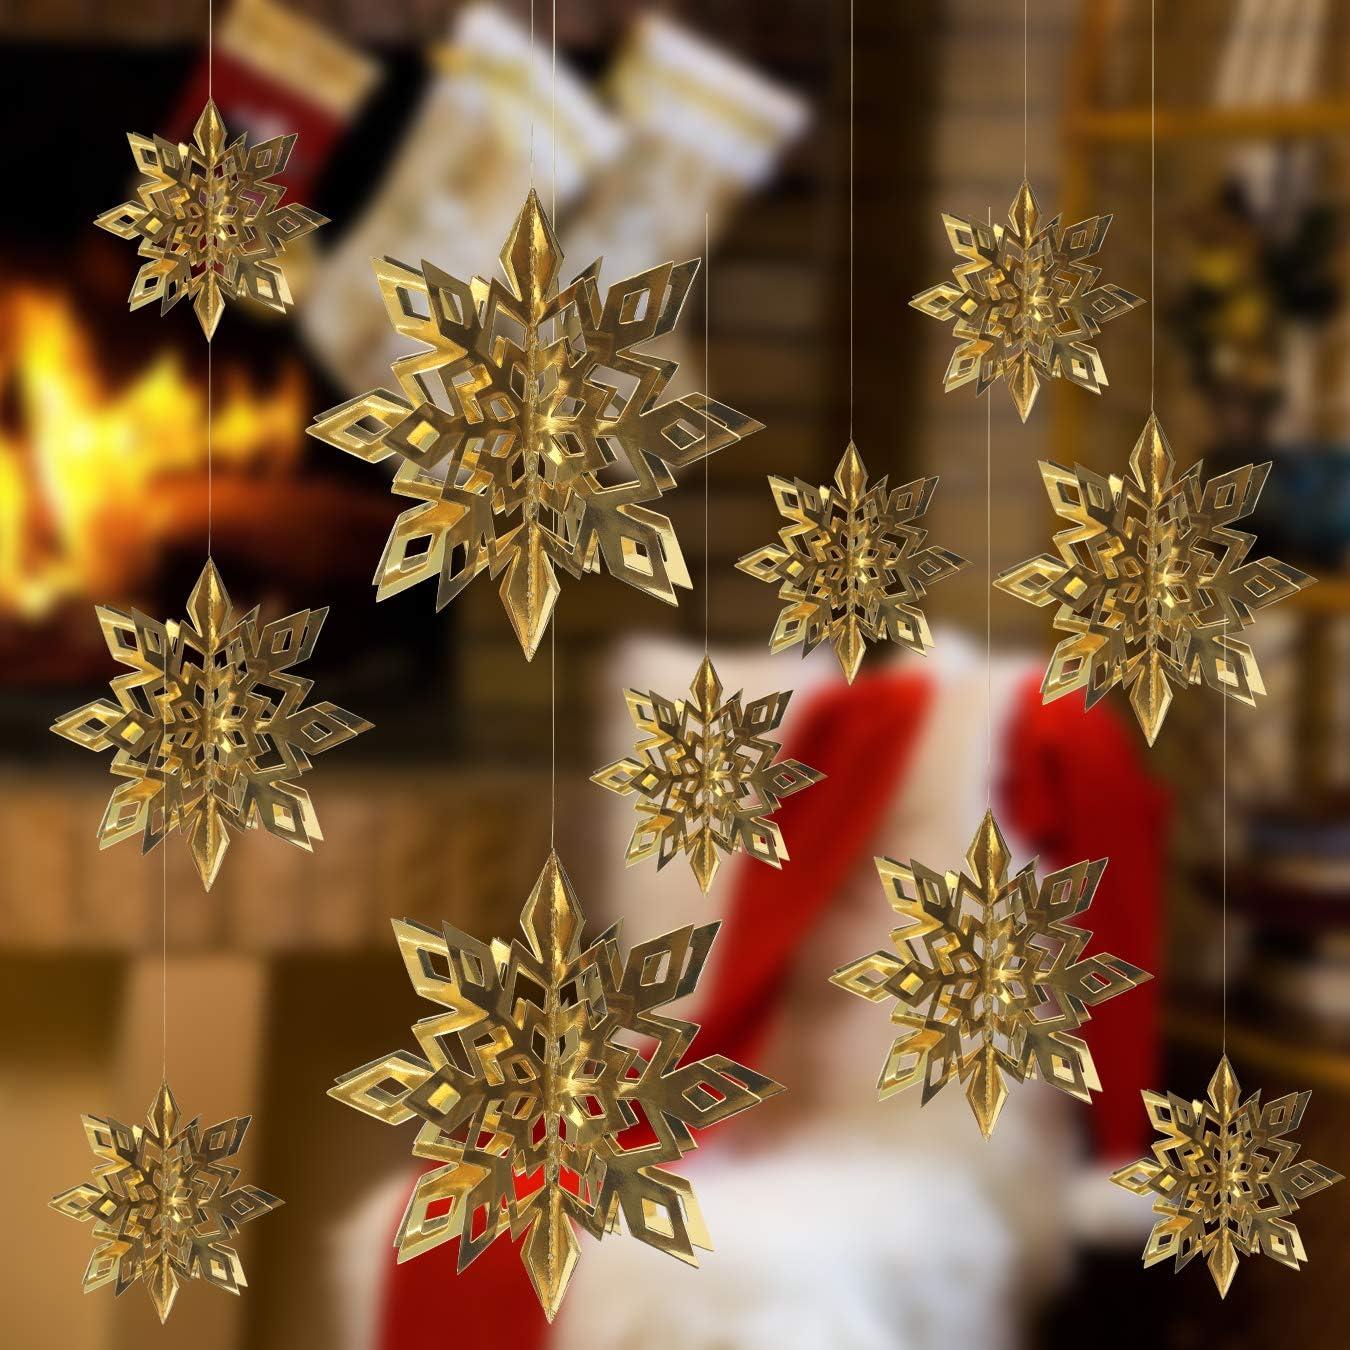 escaparates de invierno fiestas 18 guirnaldas de copos de nieve 3D para decoraci/ón de cumplea/ños Alagirls ALA-XMAS001-White color blanco